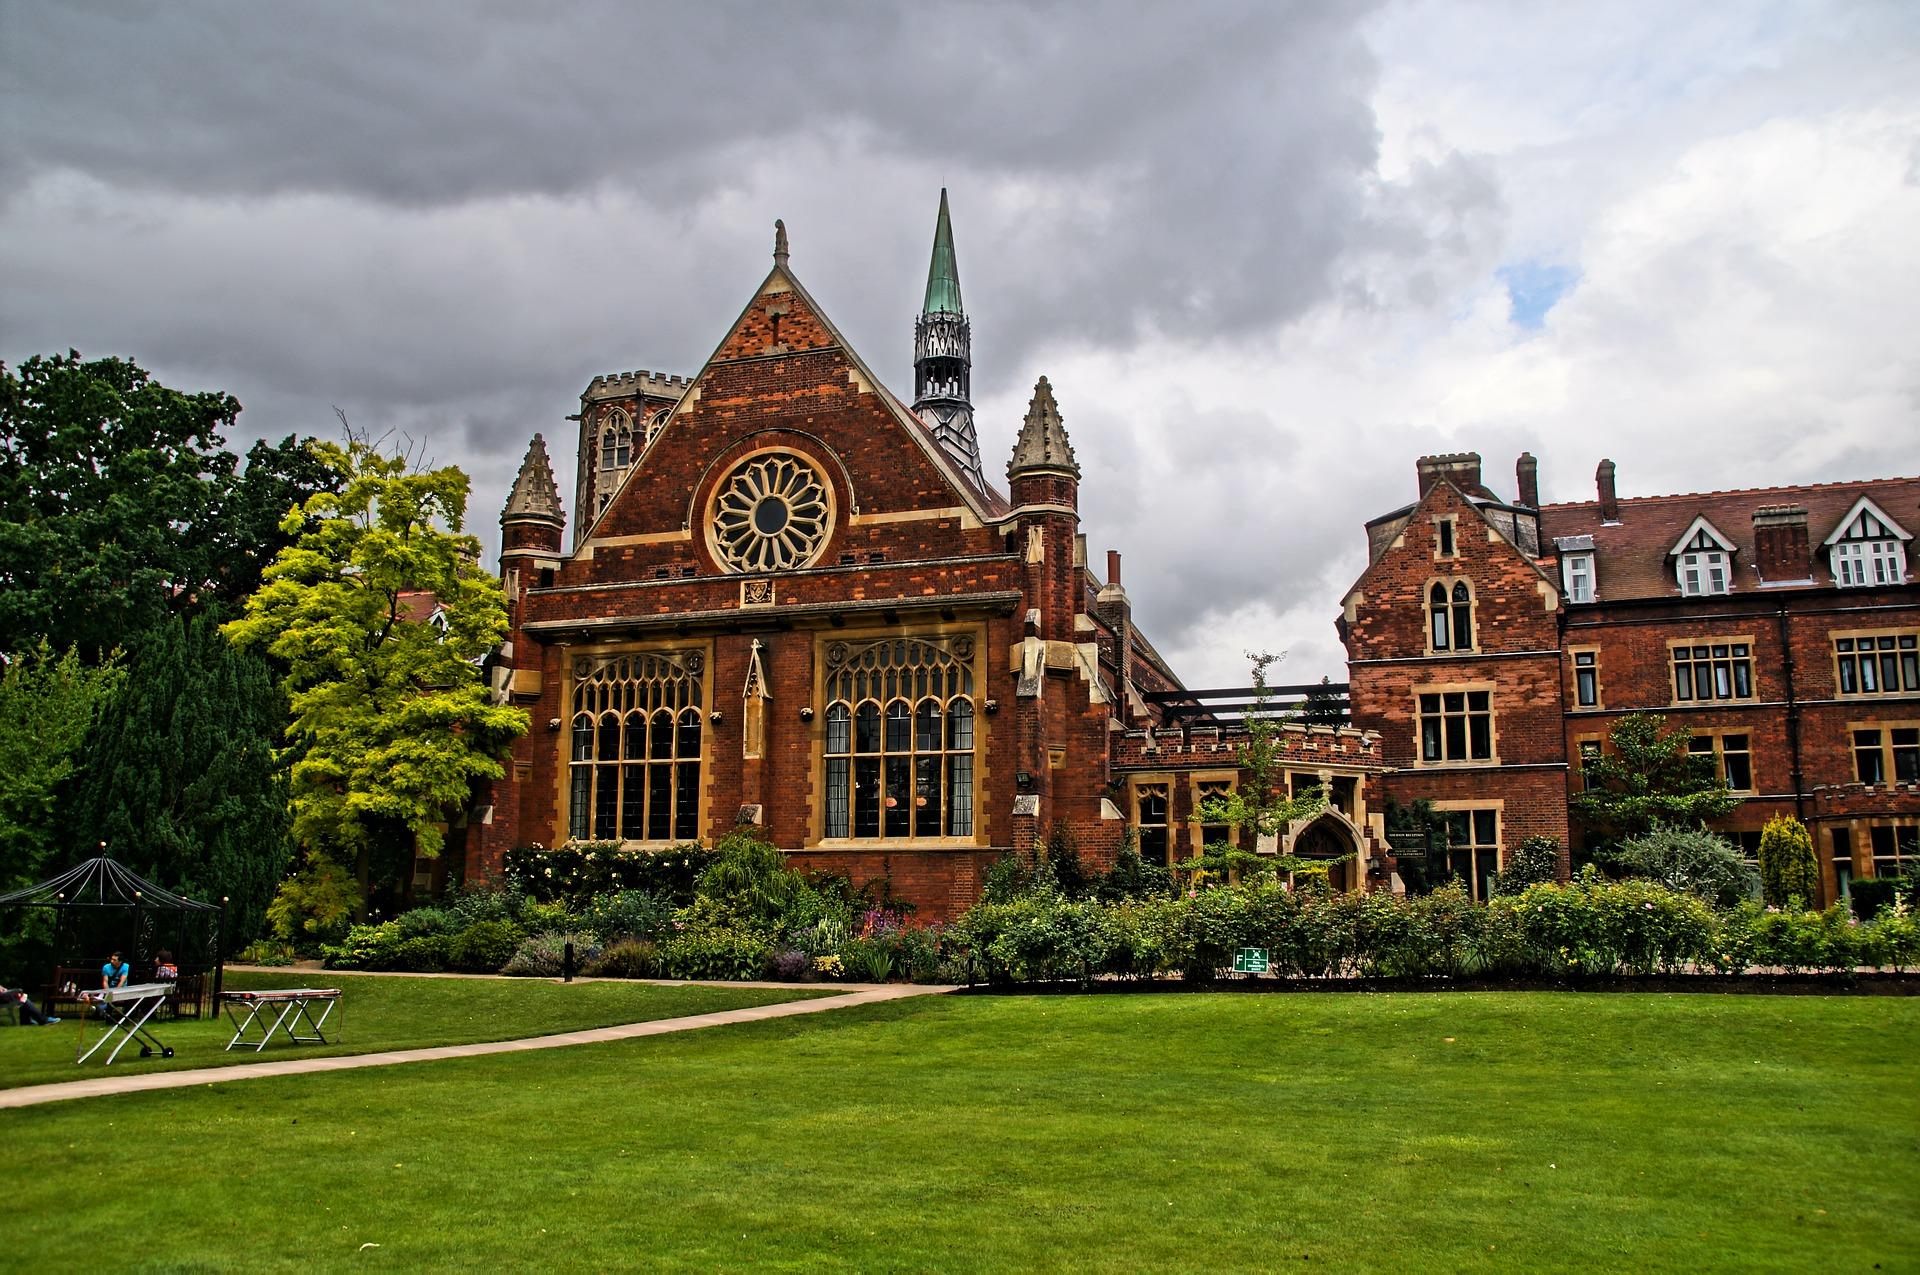 #5 イギリス大学院入学に向け英語強化 〜プレゼン・ディスカッションまで!